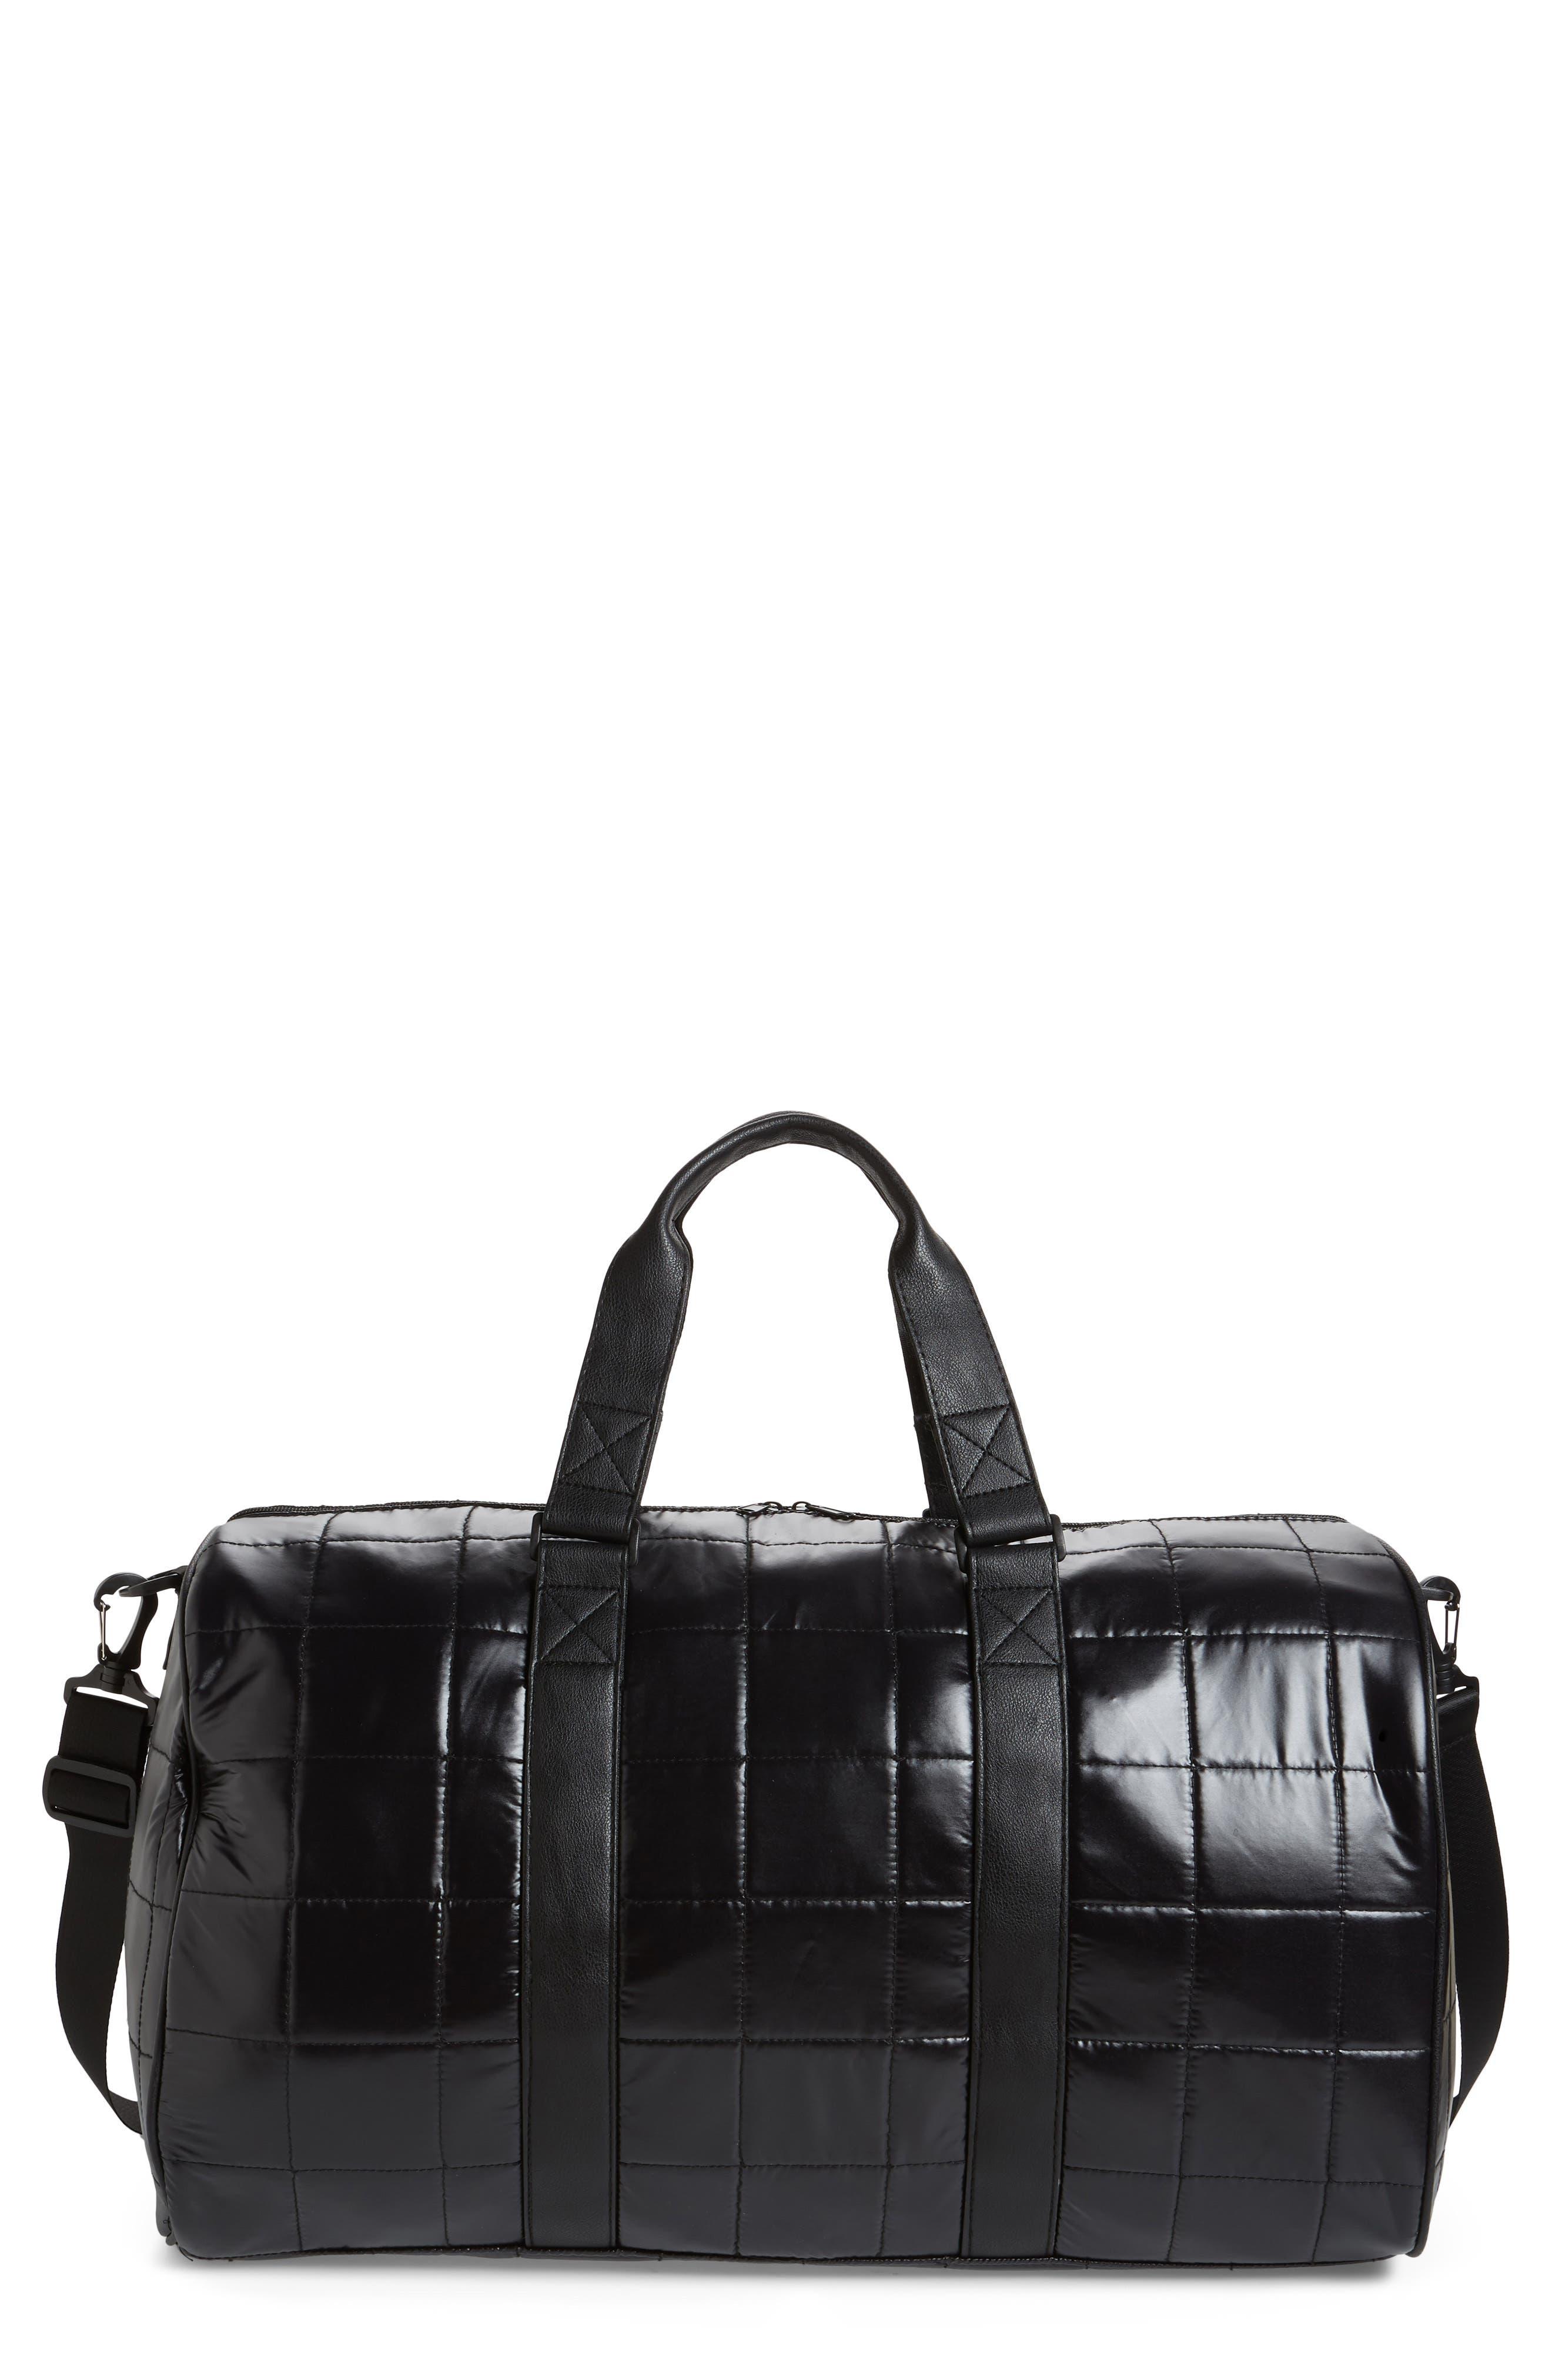 Puffer Duffel Bag,                         Main,                         color,